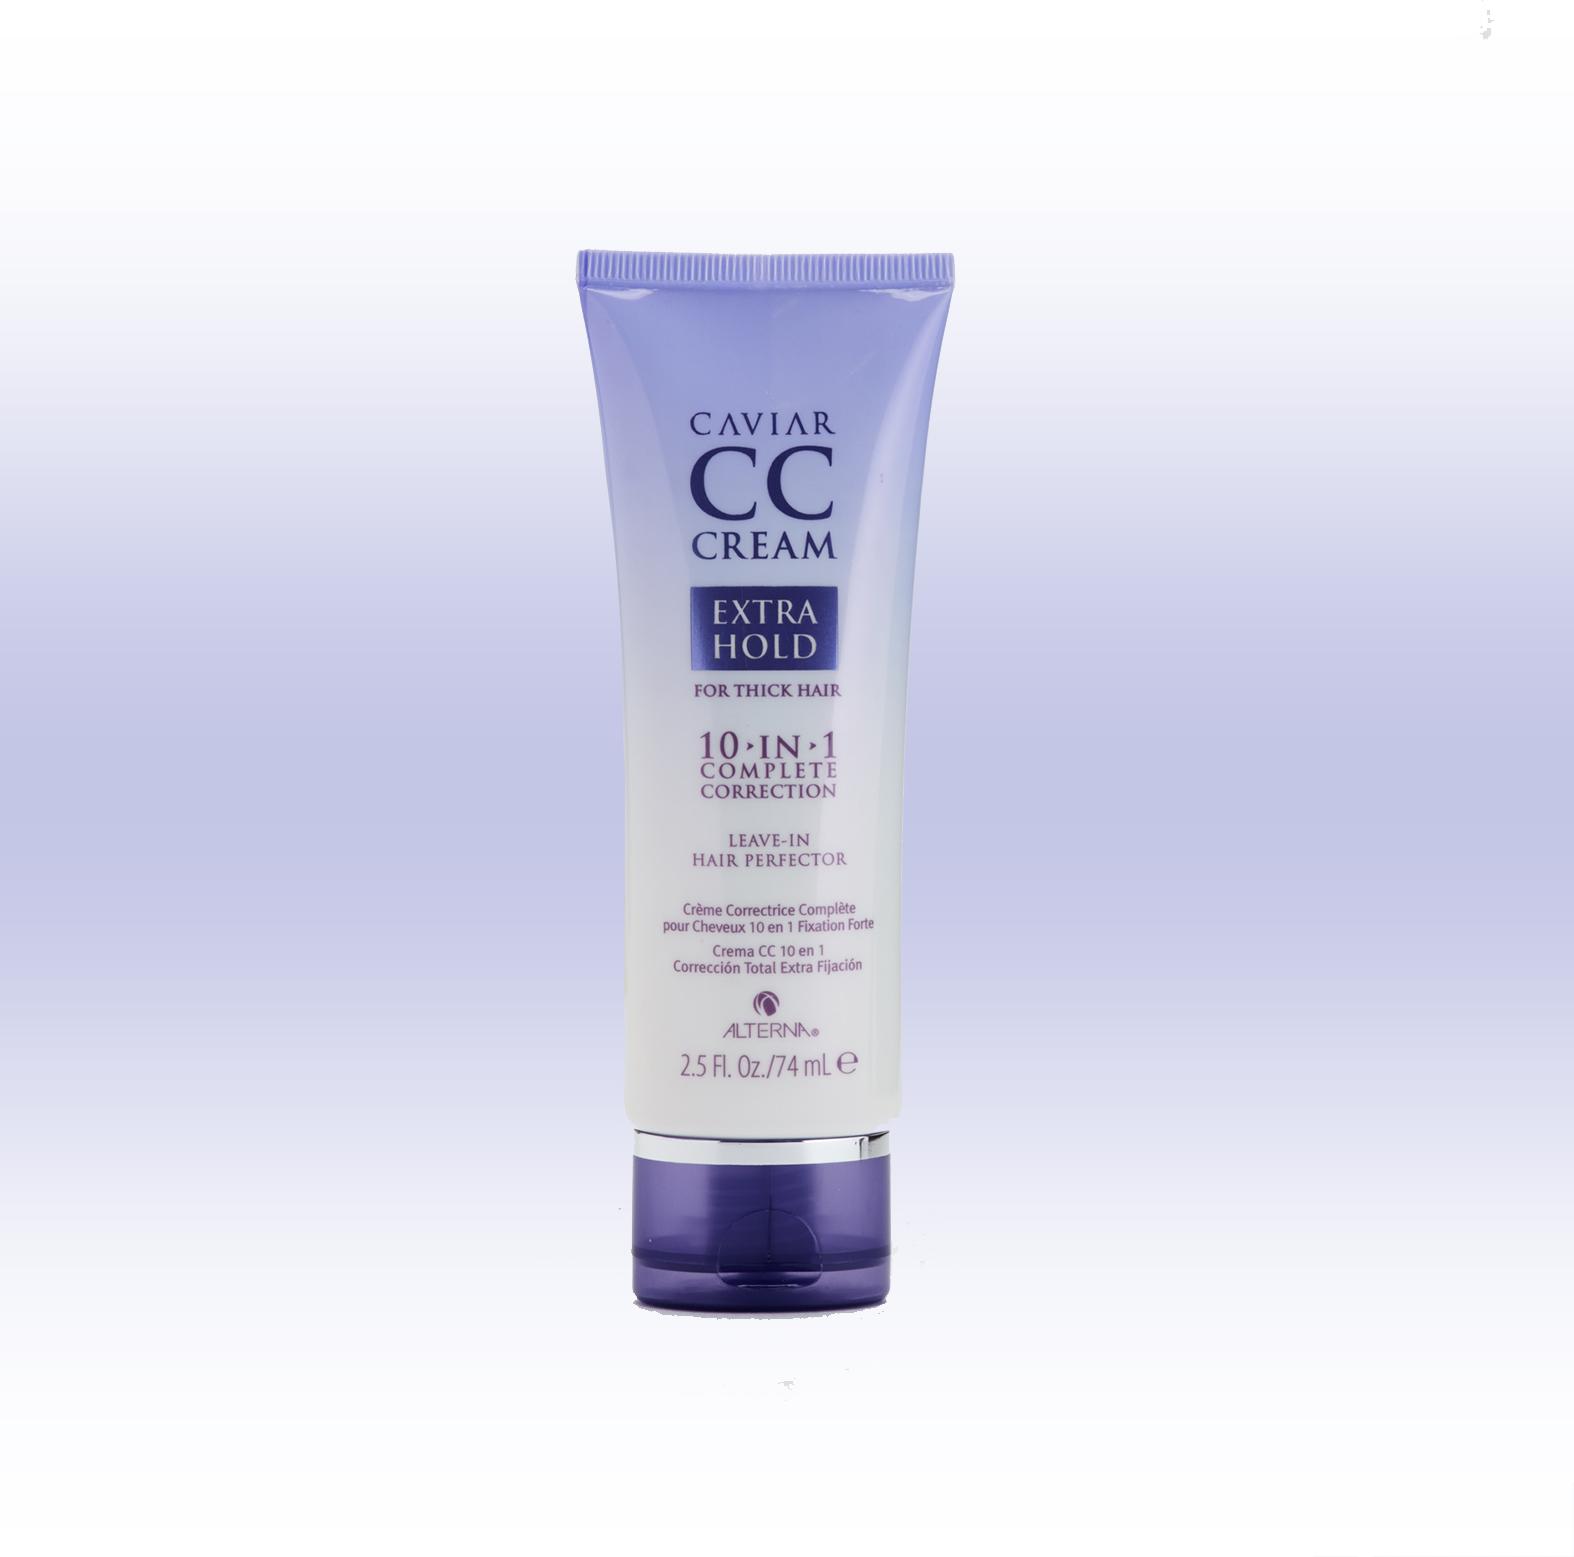 CC-крем для волос Caviar 1 in 10, Alterna